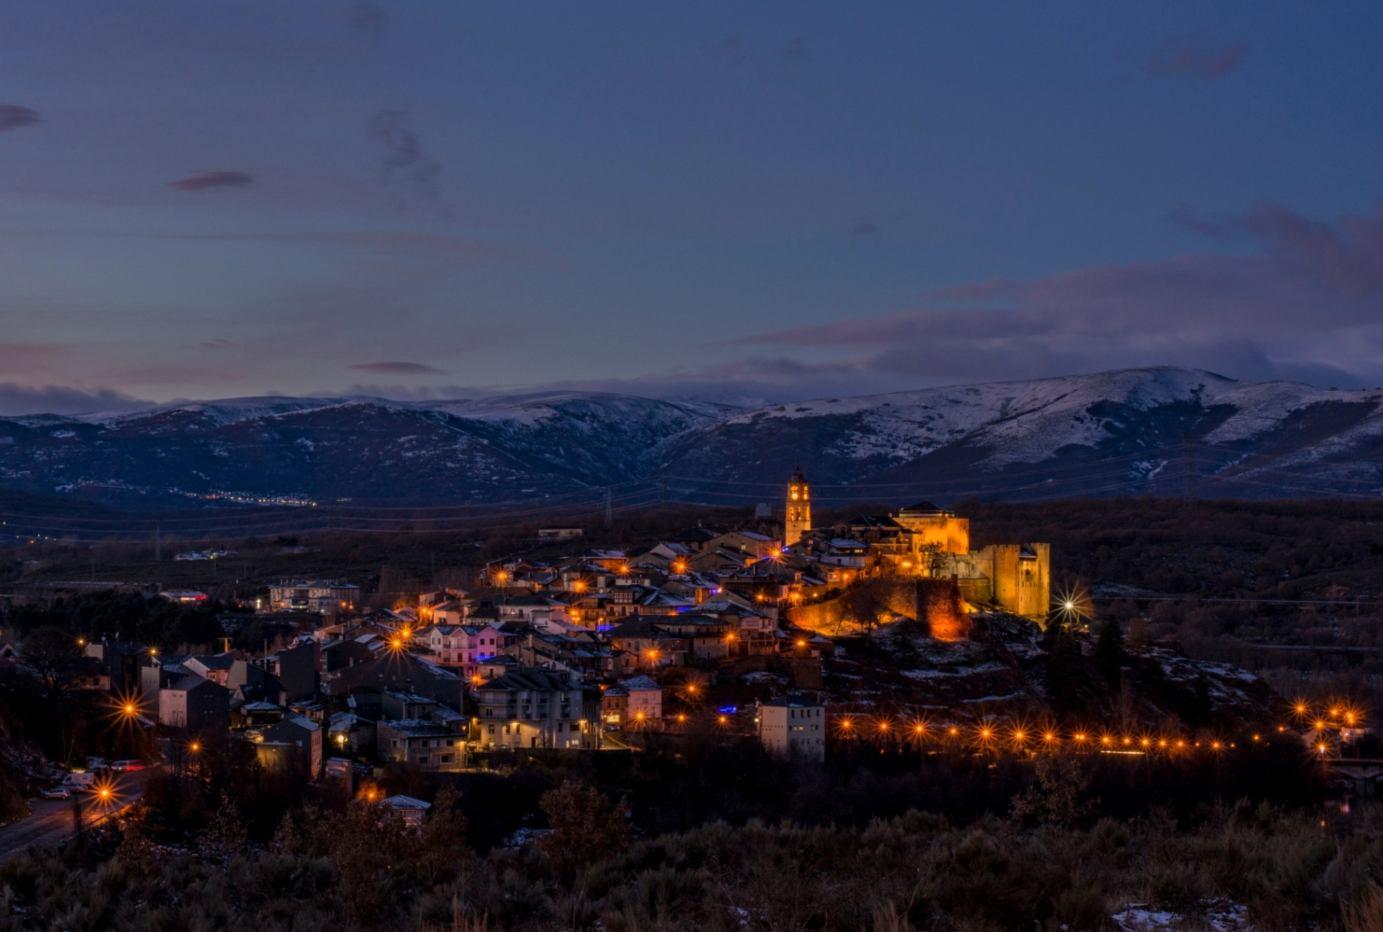 Vista nocturna de Puebla de Sanabria